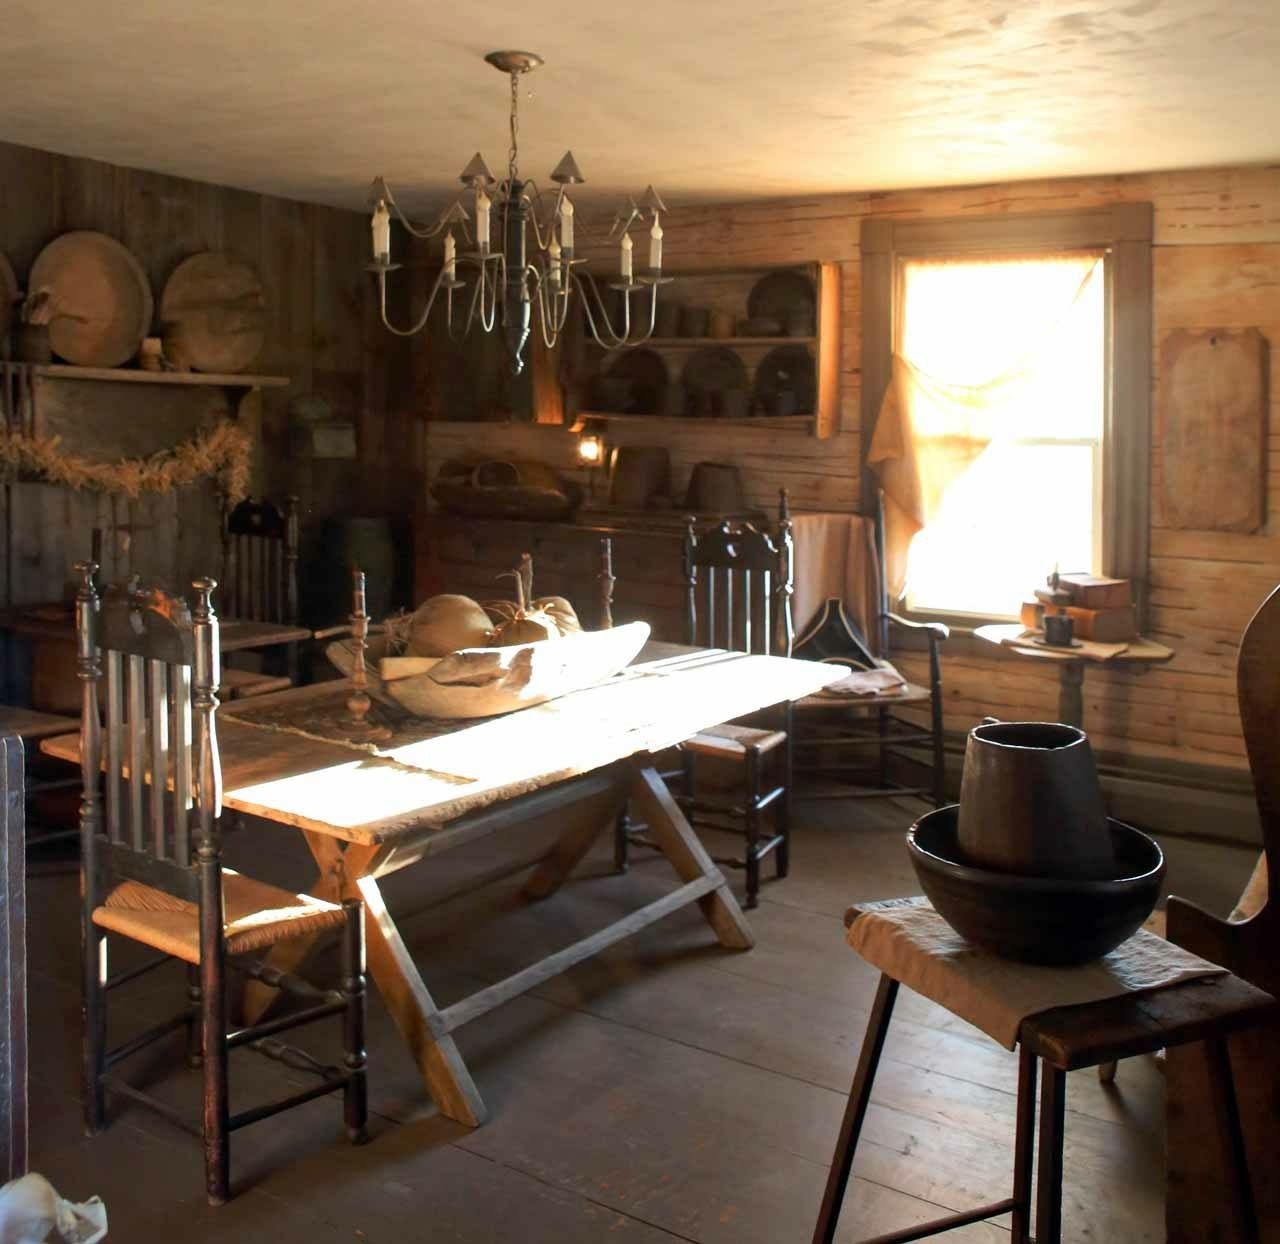 explore primitive tables primitive kitchen and more - Primitive Kitchen Tables